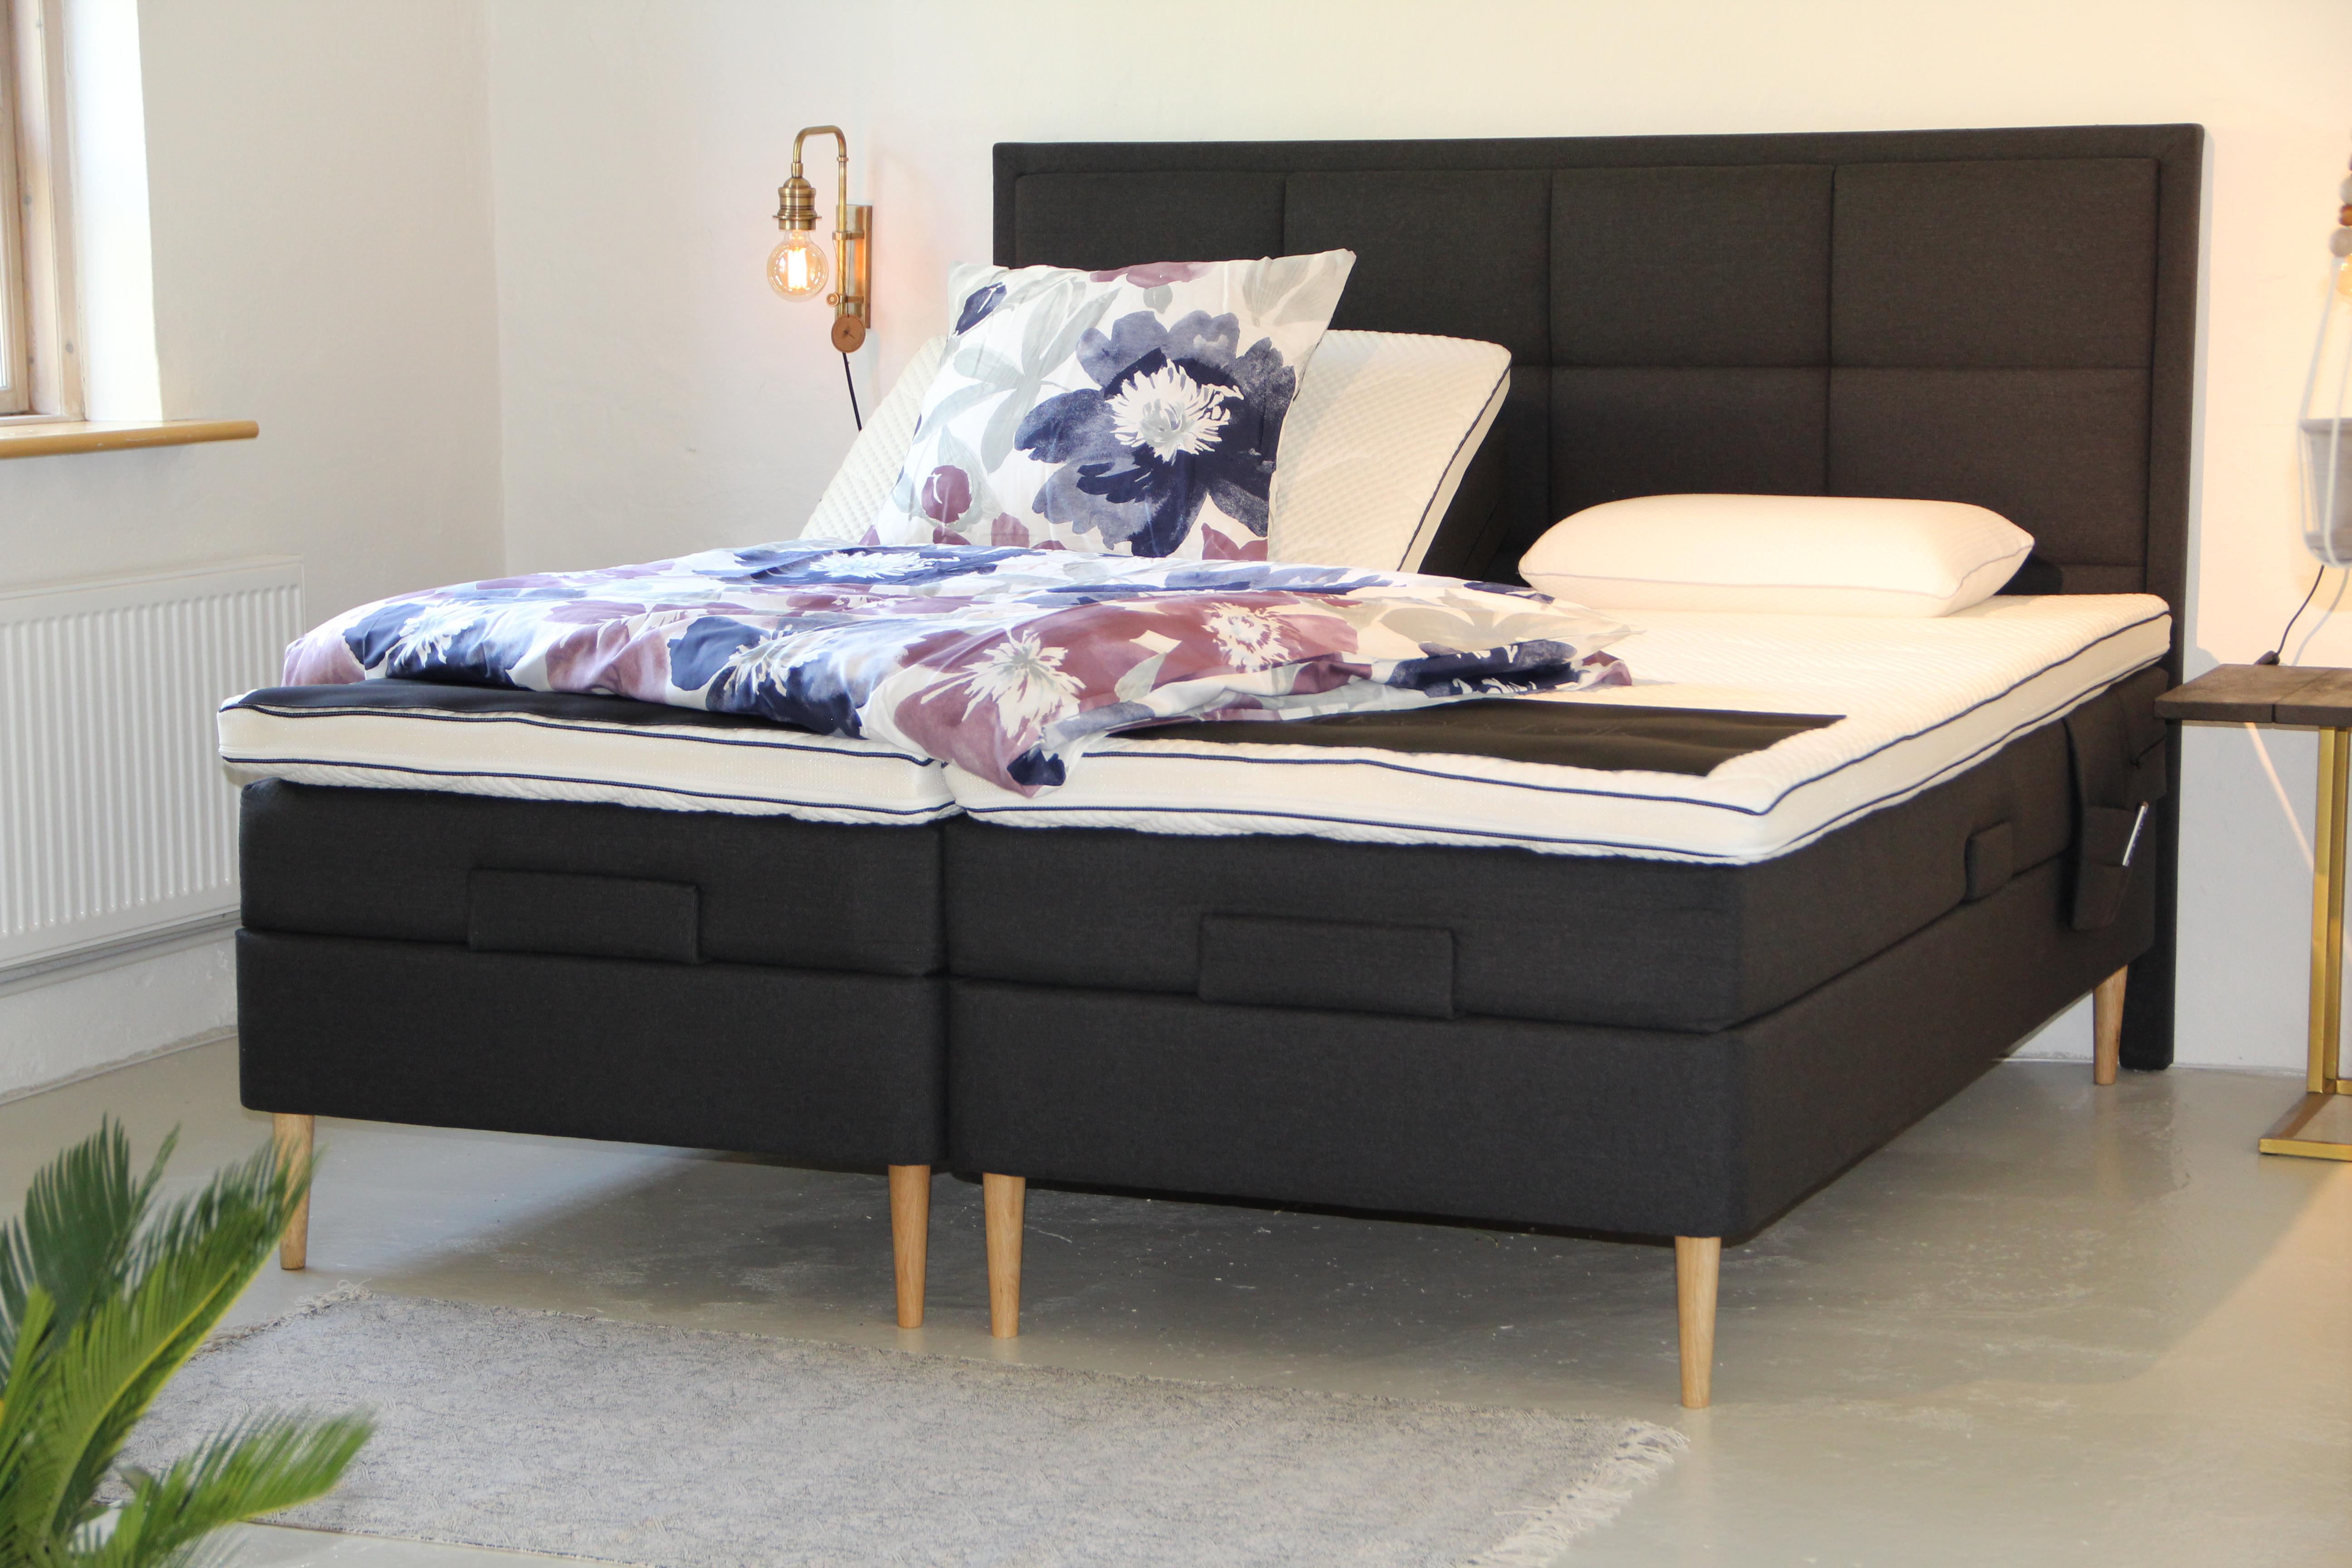 senge butik Sengebutik i Vib  køb ny seng hos DinSeng.dk senge butik